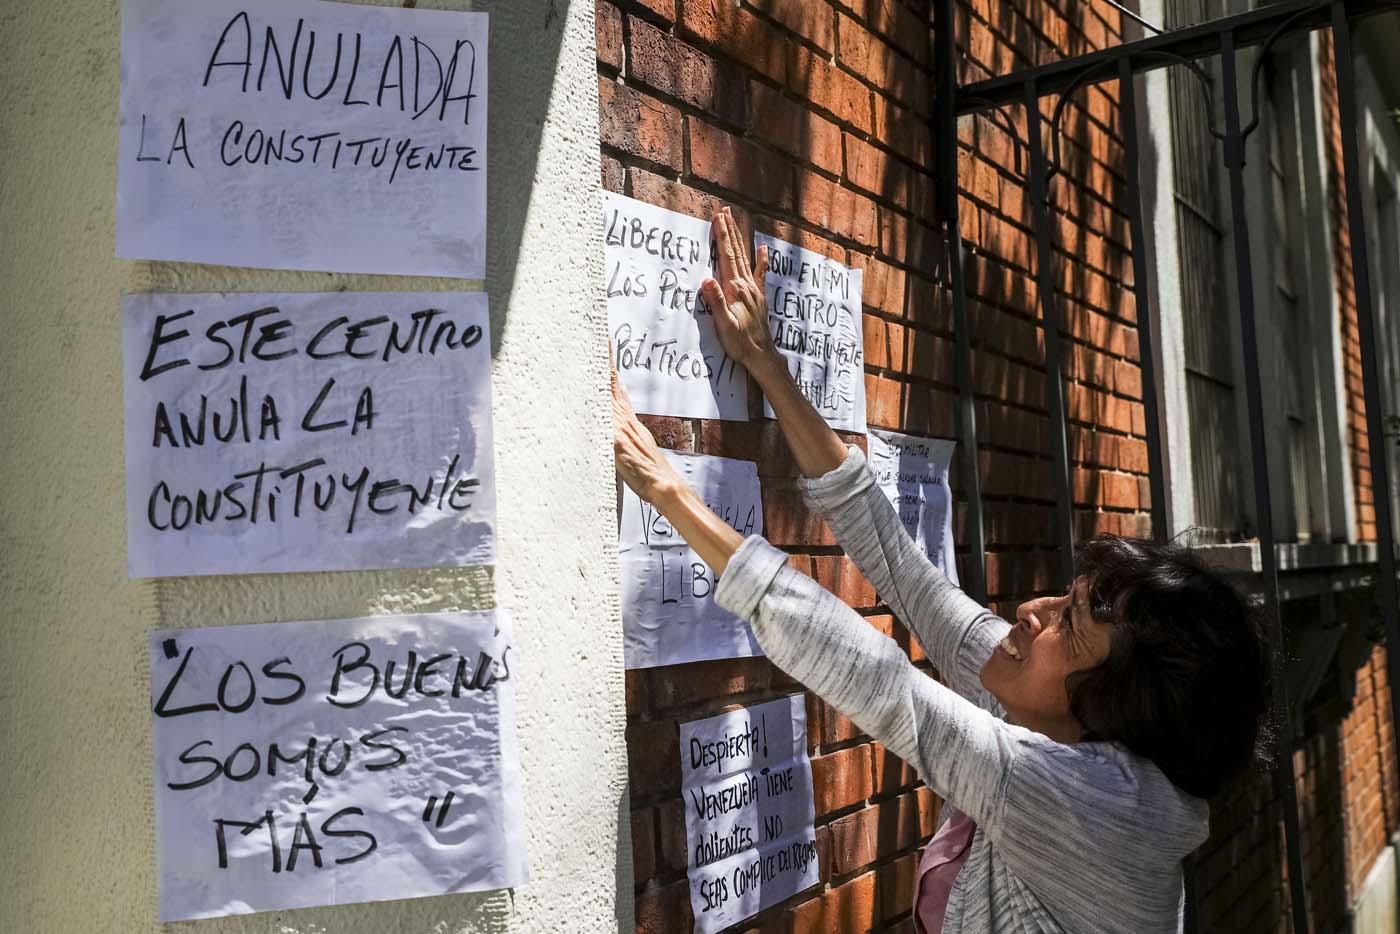 CAR03. CARACAS (VENEZUELA), 24/07/2017.- Una mujer pega carteles en rechazo a la Asamblea Constituyente hoy, lunes 24 de julio de 2017, en una verja de Caracas (Venezuela). Venezuela inicia hoy la semana decisiva para la elección de la Asamblea Nacional Constituyente convocada por el presidente, Nicolás Maduro, con los oficialistas entrando en la recta final de su campaña en medio de protestas y llamados a paro de los opositores en rechazo a esos comicios. EFE/Miguel Gutiérrez